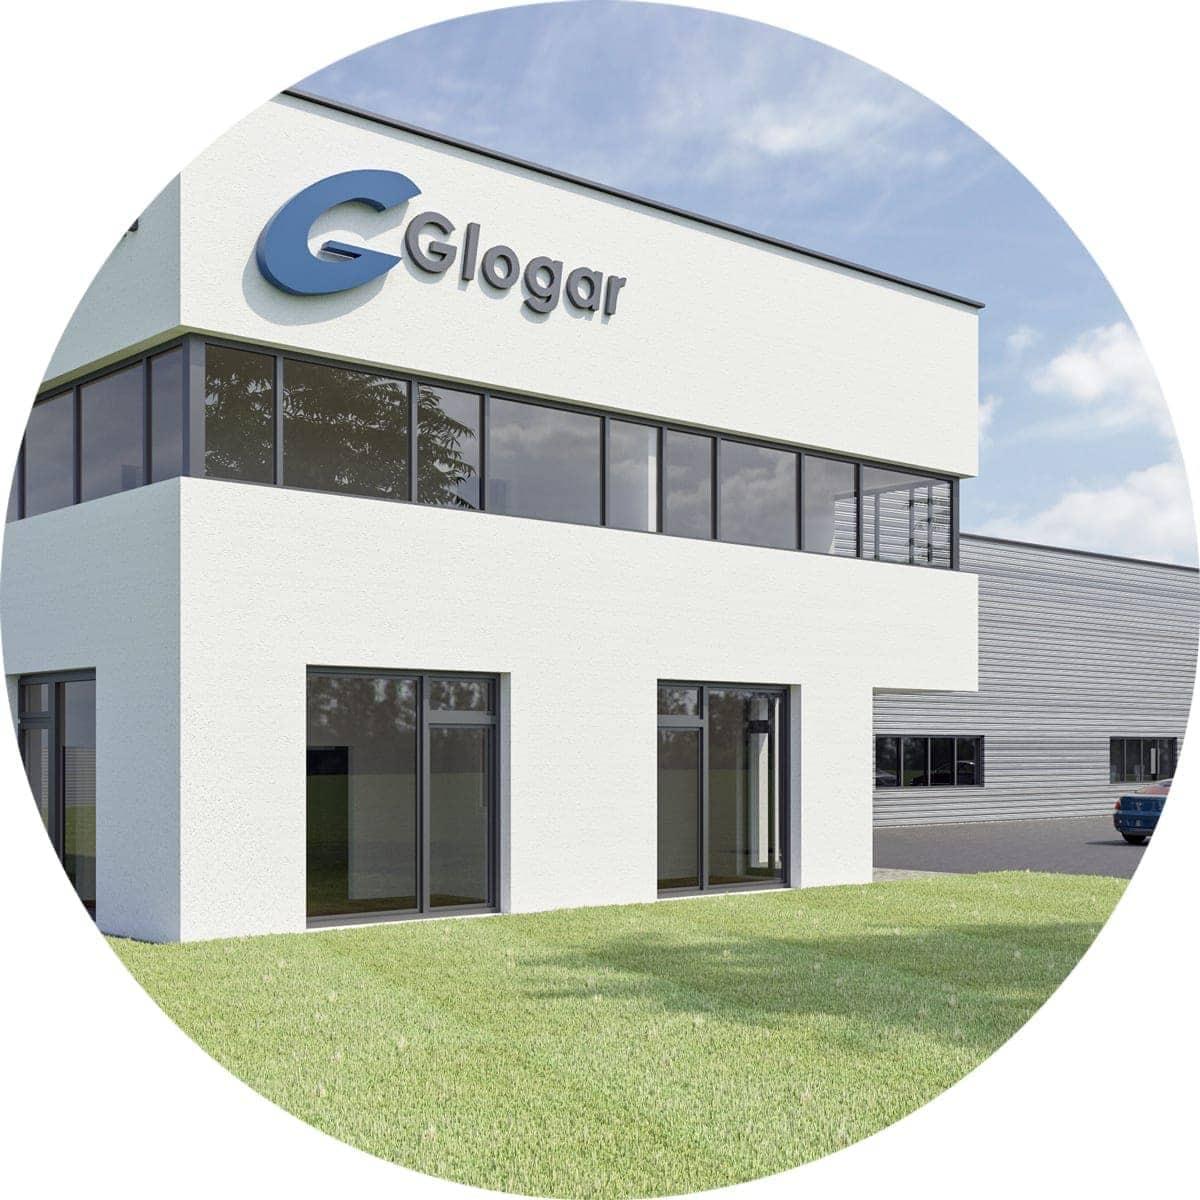 Fertigstellung der neuen Betriebsstätte in St. Florian b. Linz